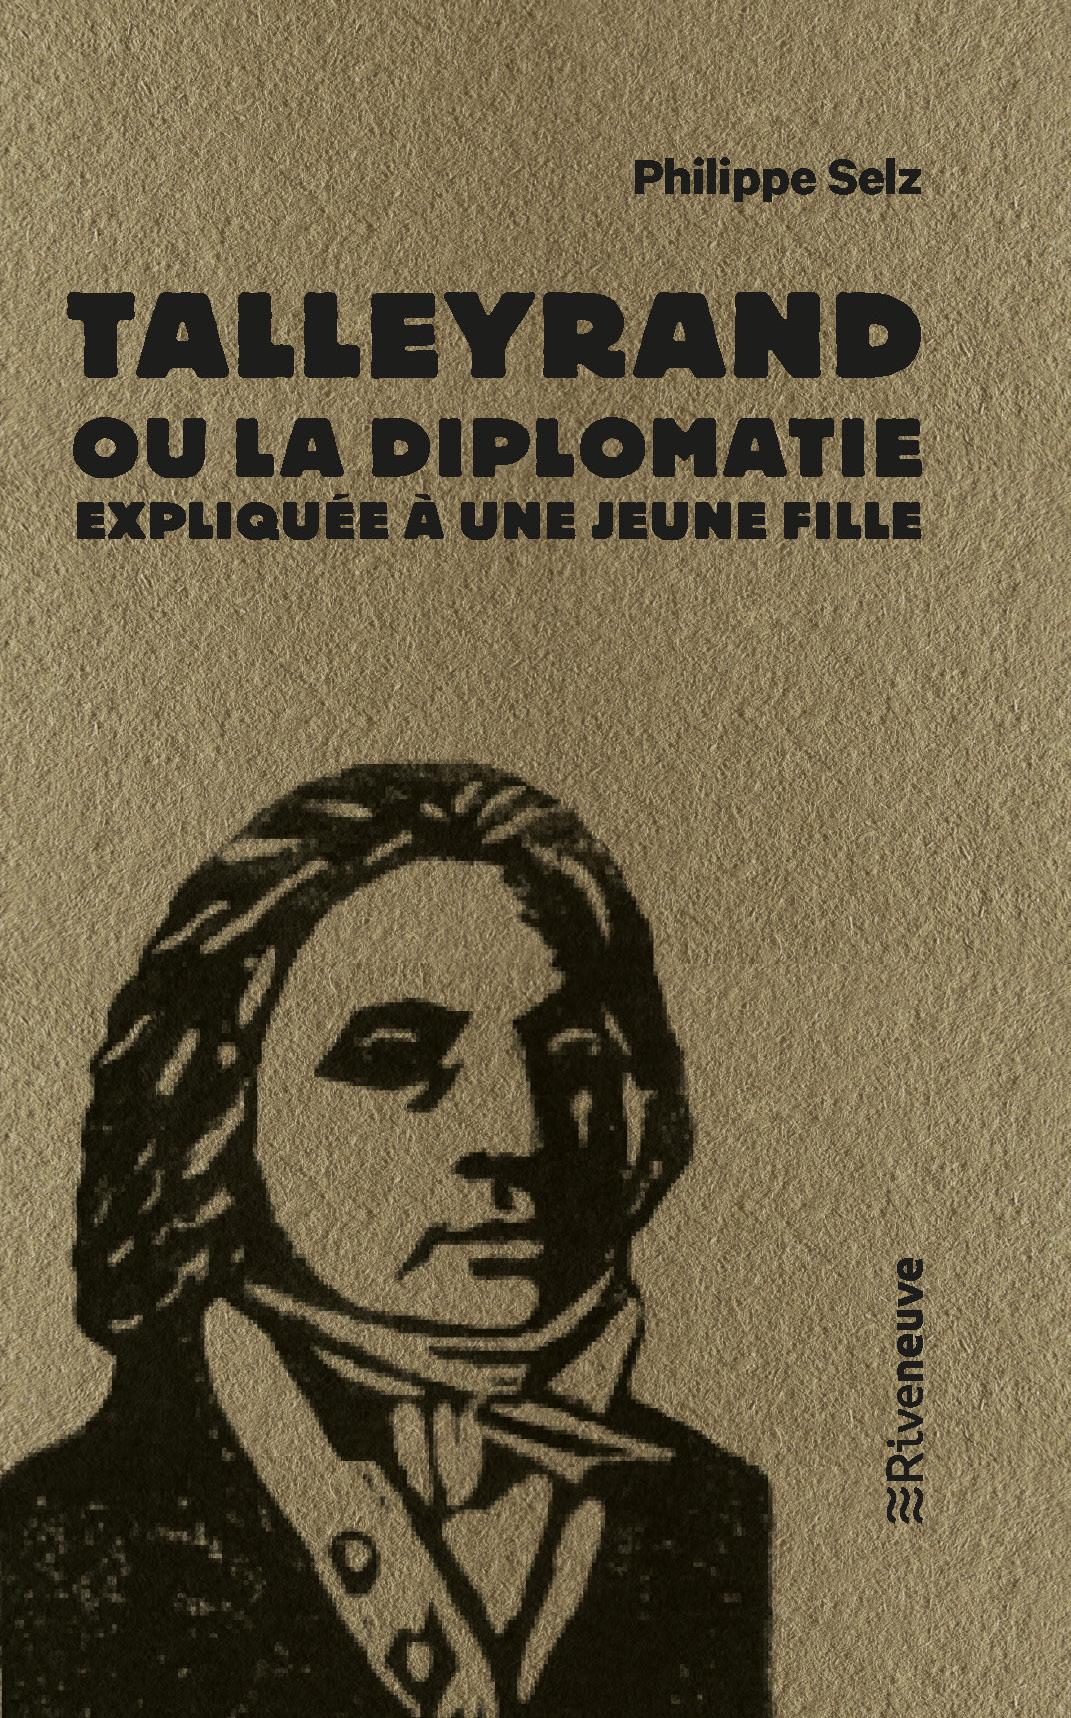 Talleyrand ou la diplomatie expliquée à une jeune fille